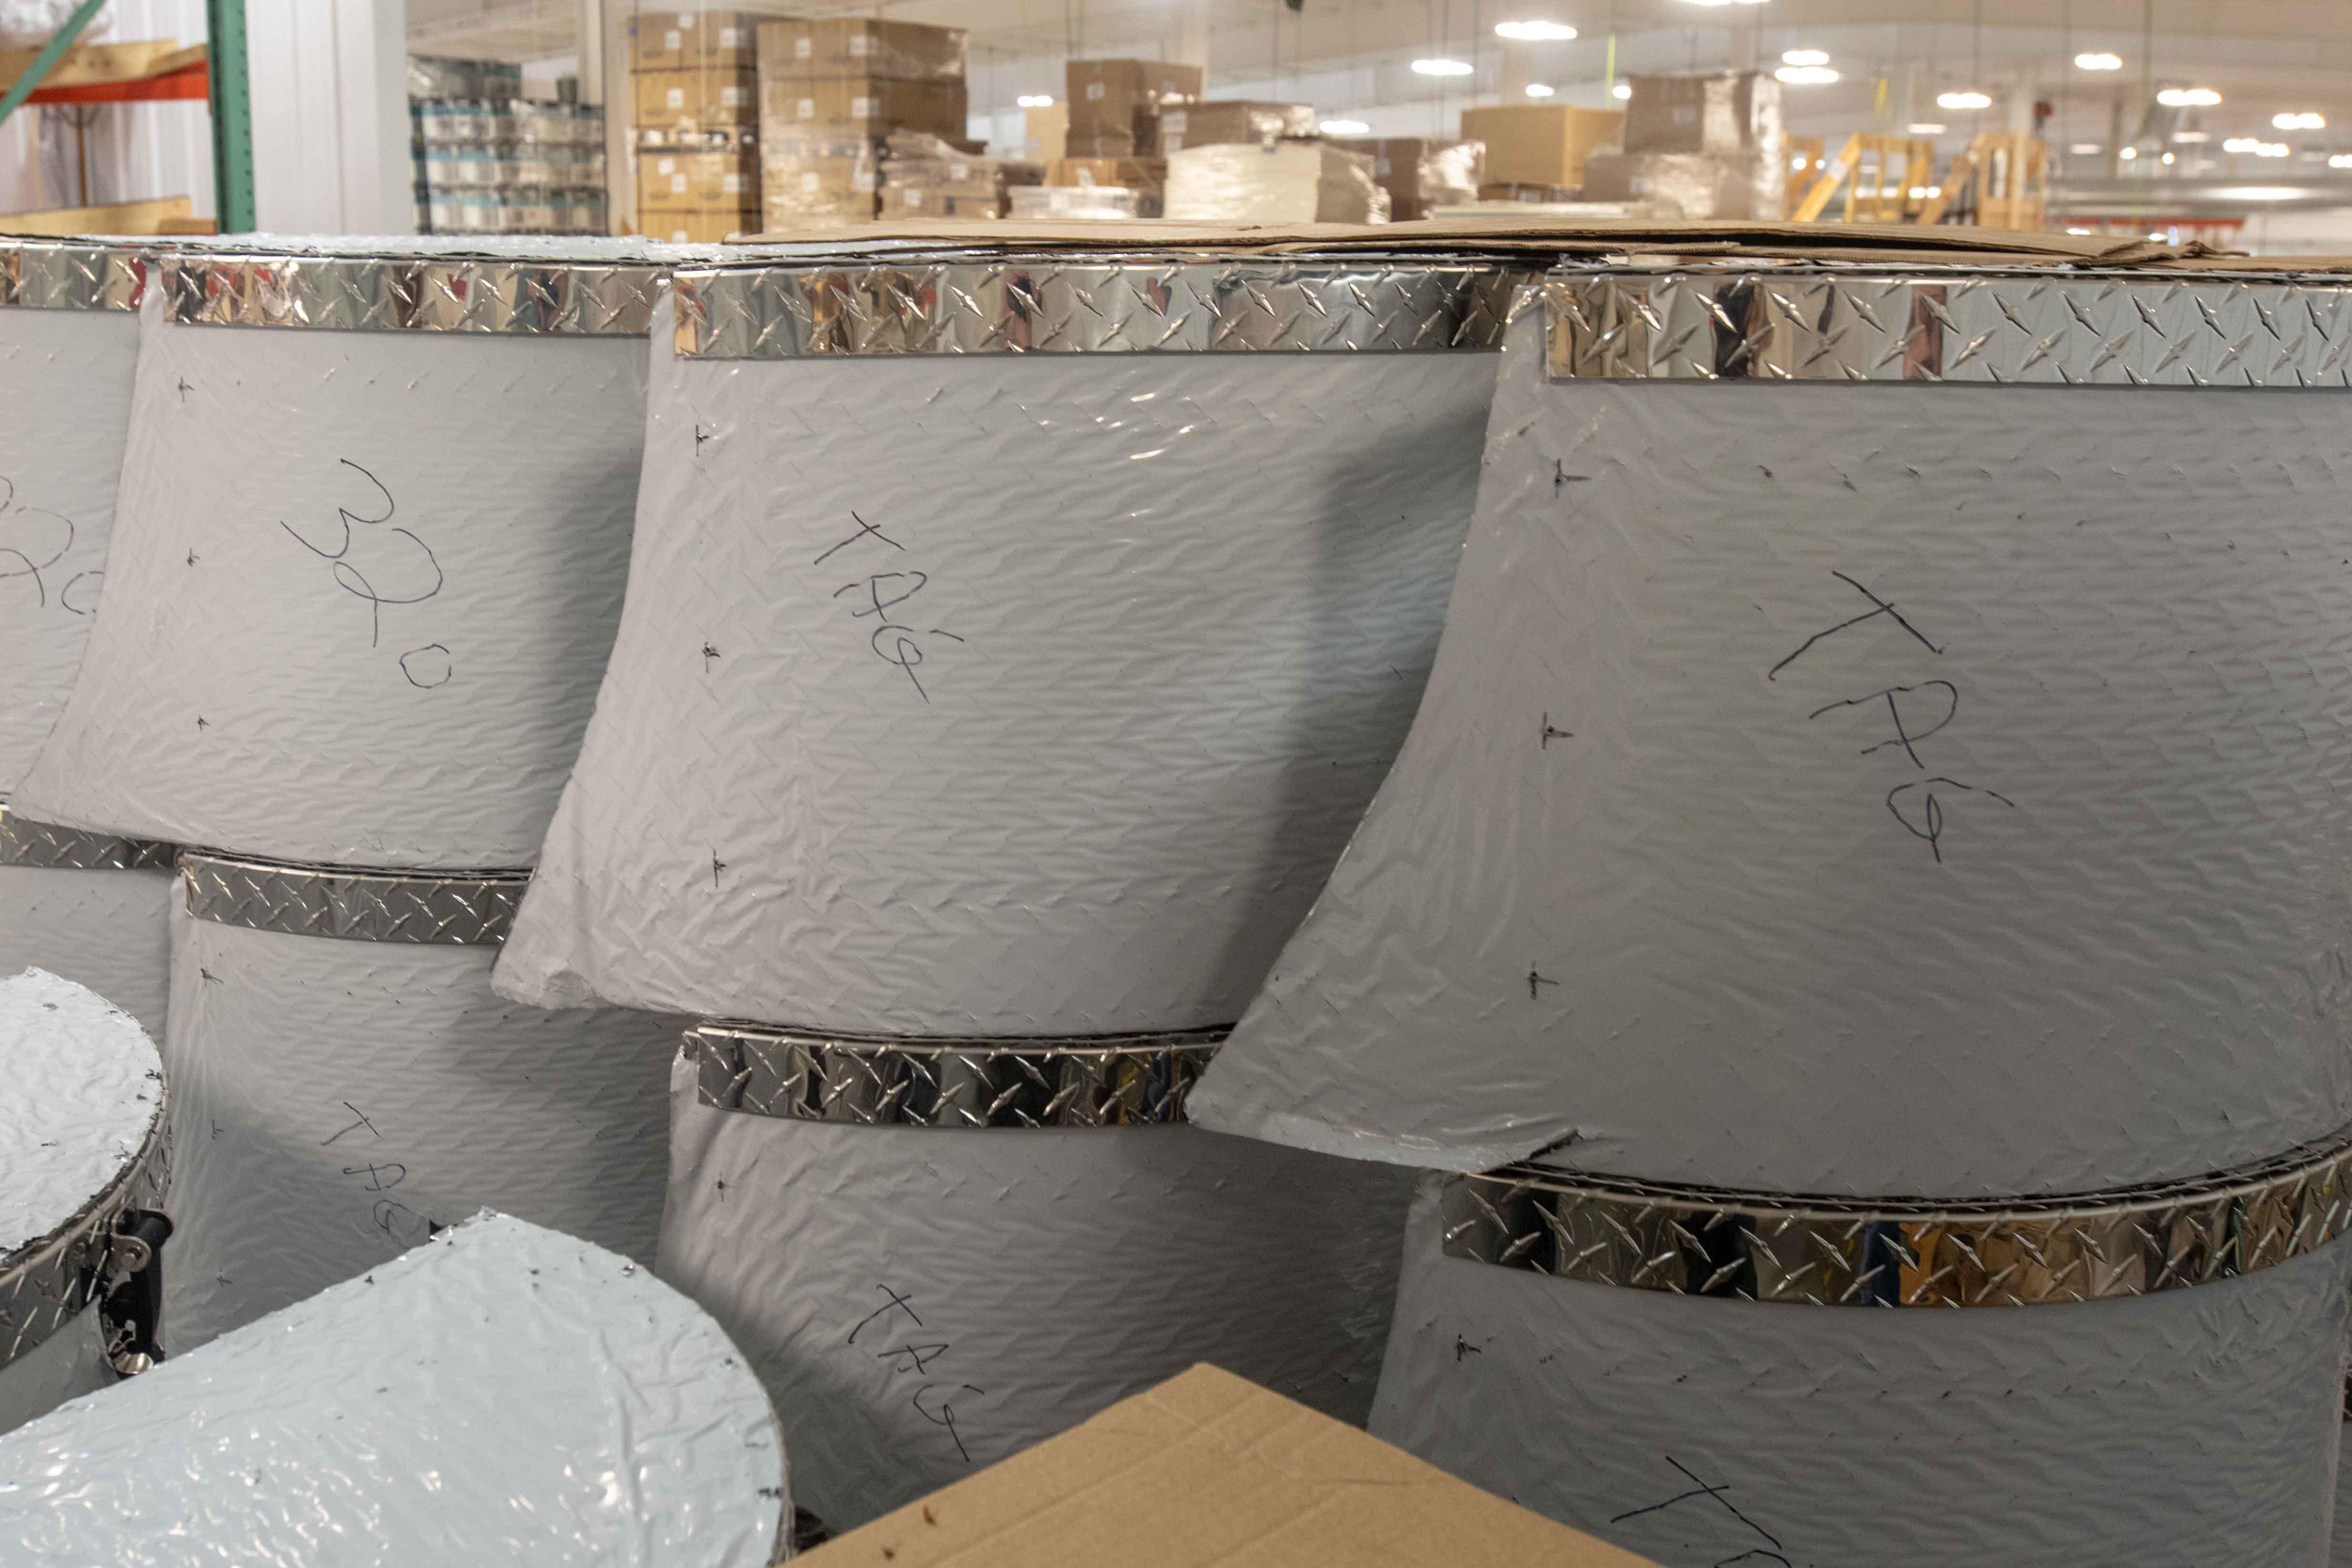 Photos de T@B 320 d'usine montrant les emplacements des objets avant qu'ils ne soient cachés dans les murs S3kdv1lzrv1d